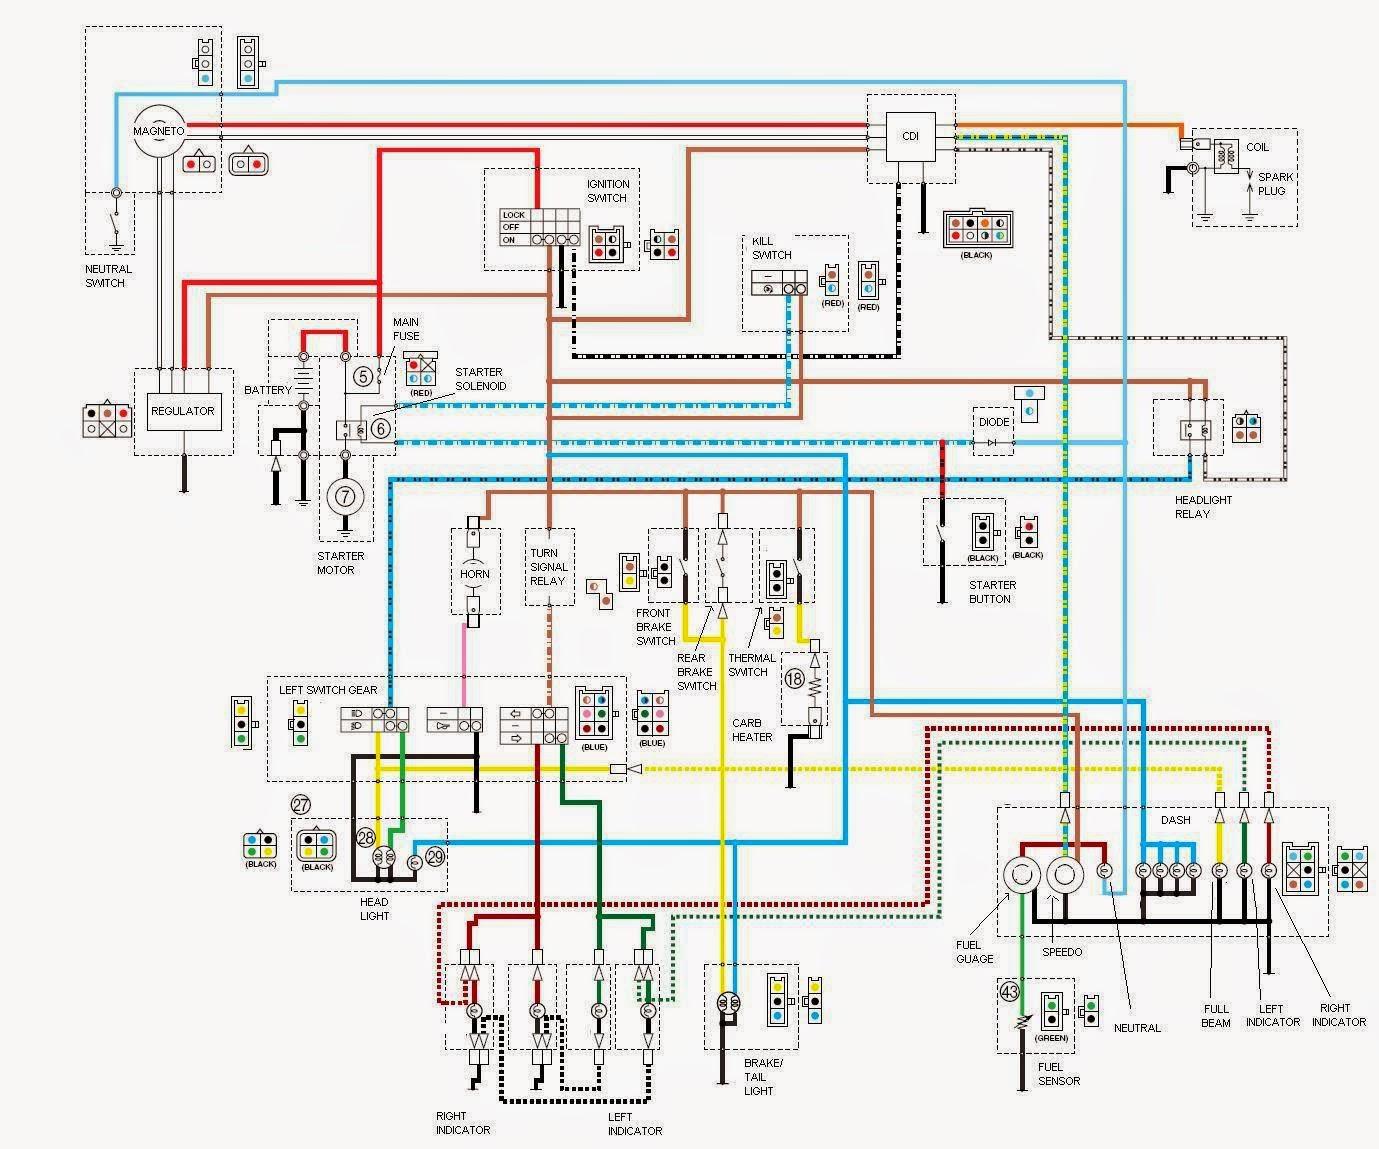 yamaha ybr 125 wiring diagram [ 1379 x 1149 Pixel ]